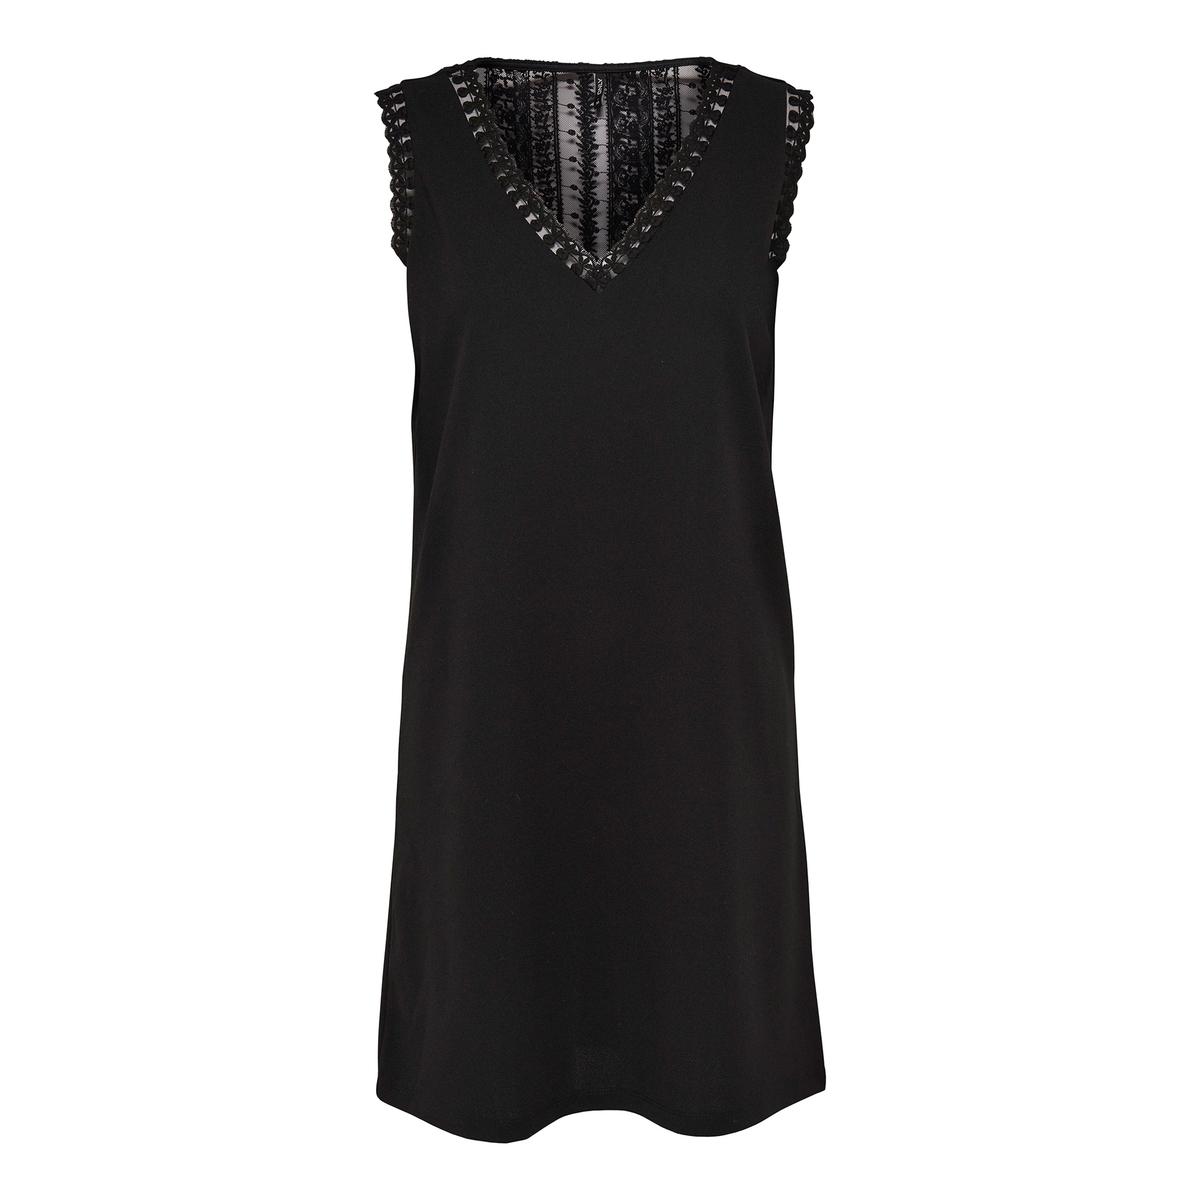 Платье без рукавов с кружевной вставкой на спинке платье без рукавов с кружевной вставкой на спинке